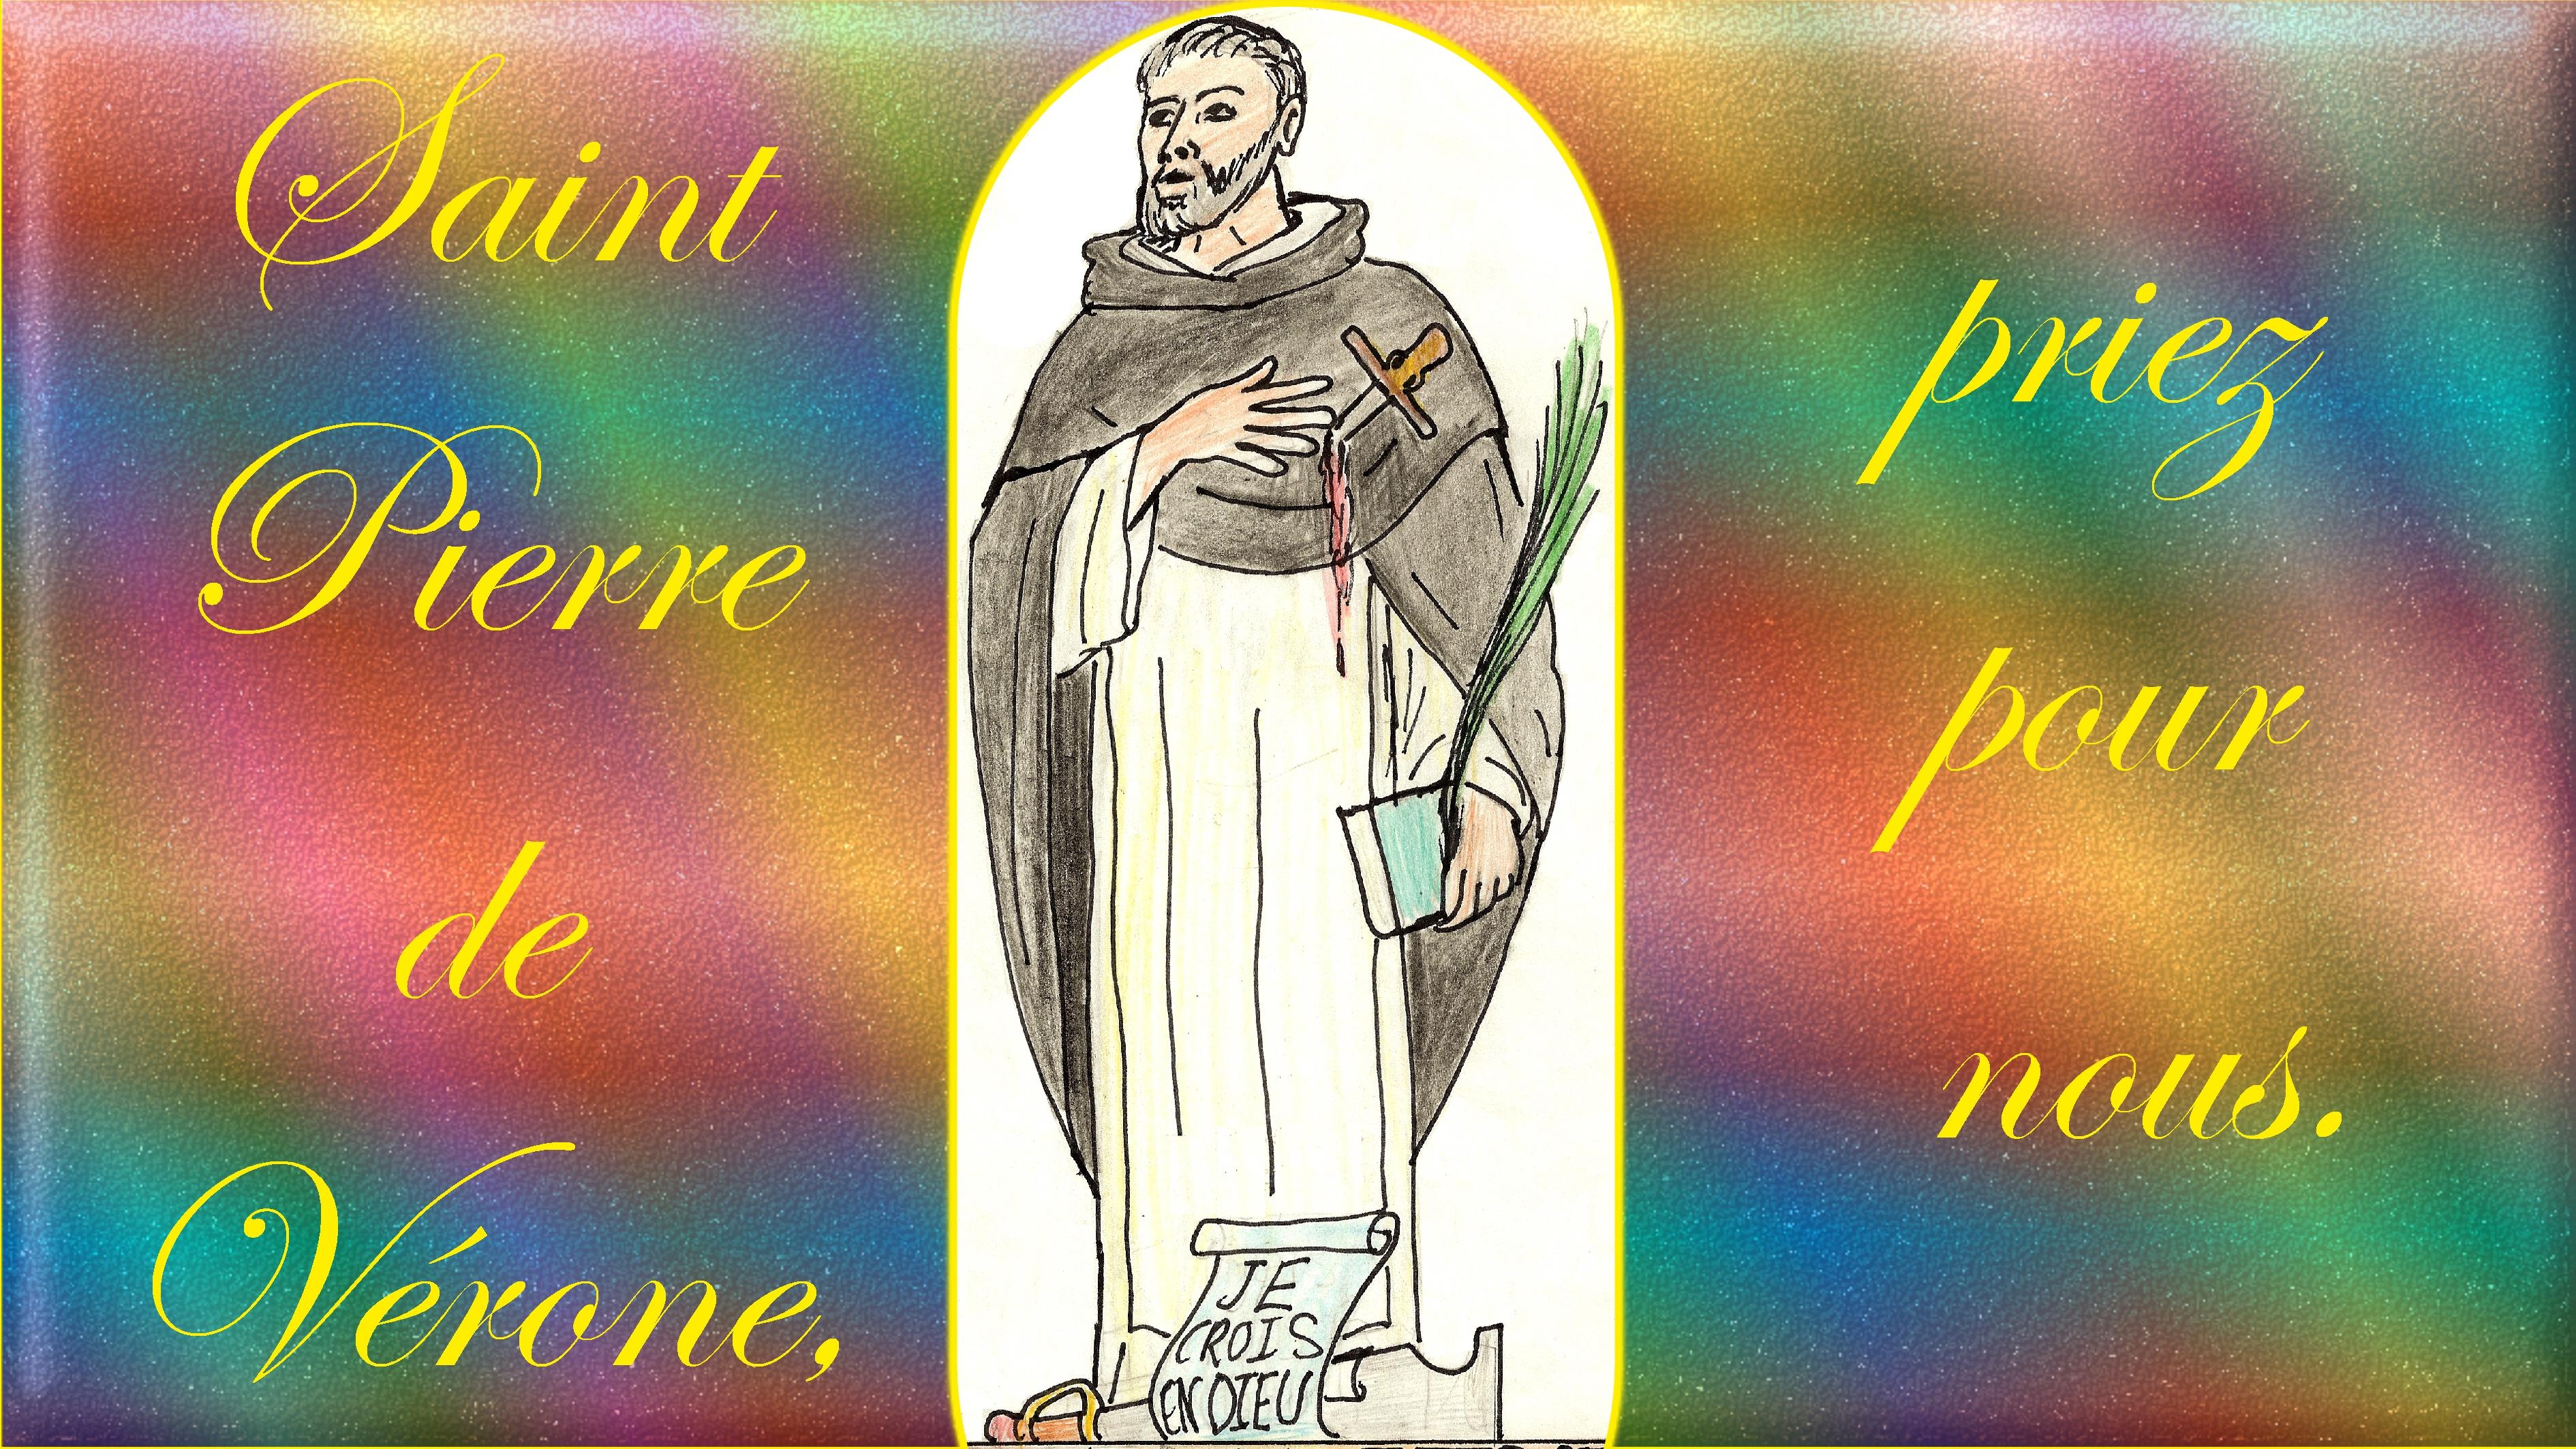 CALENDRIER CATHOLIQUE 2020 (Cantiques, Prières & Images) - Page 12 St-pierre-de-v-rone-5750539